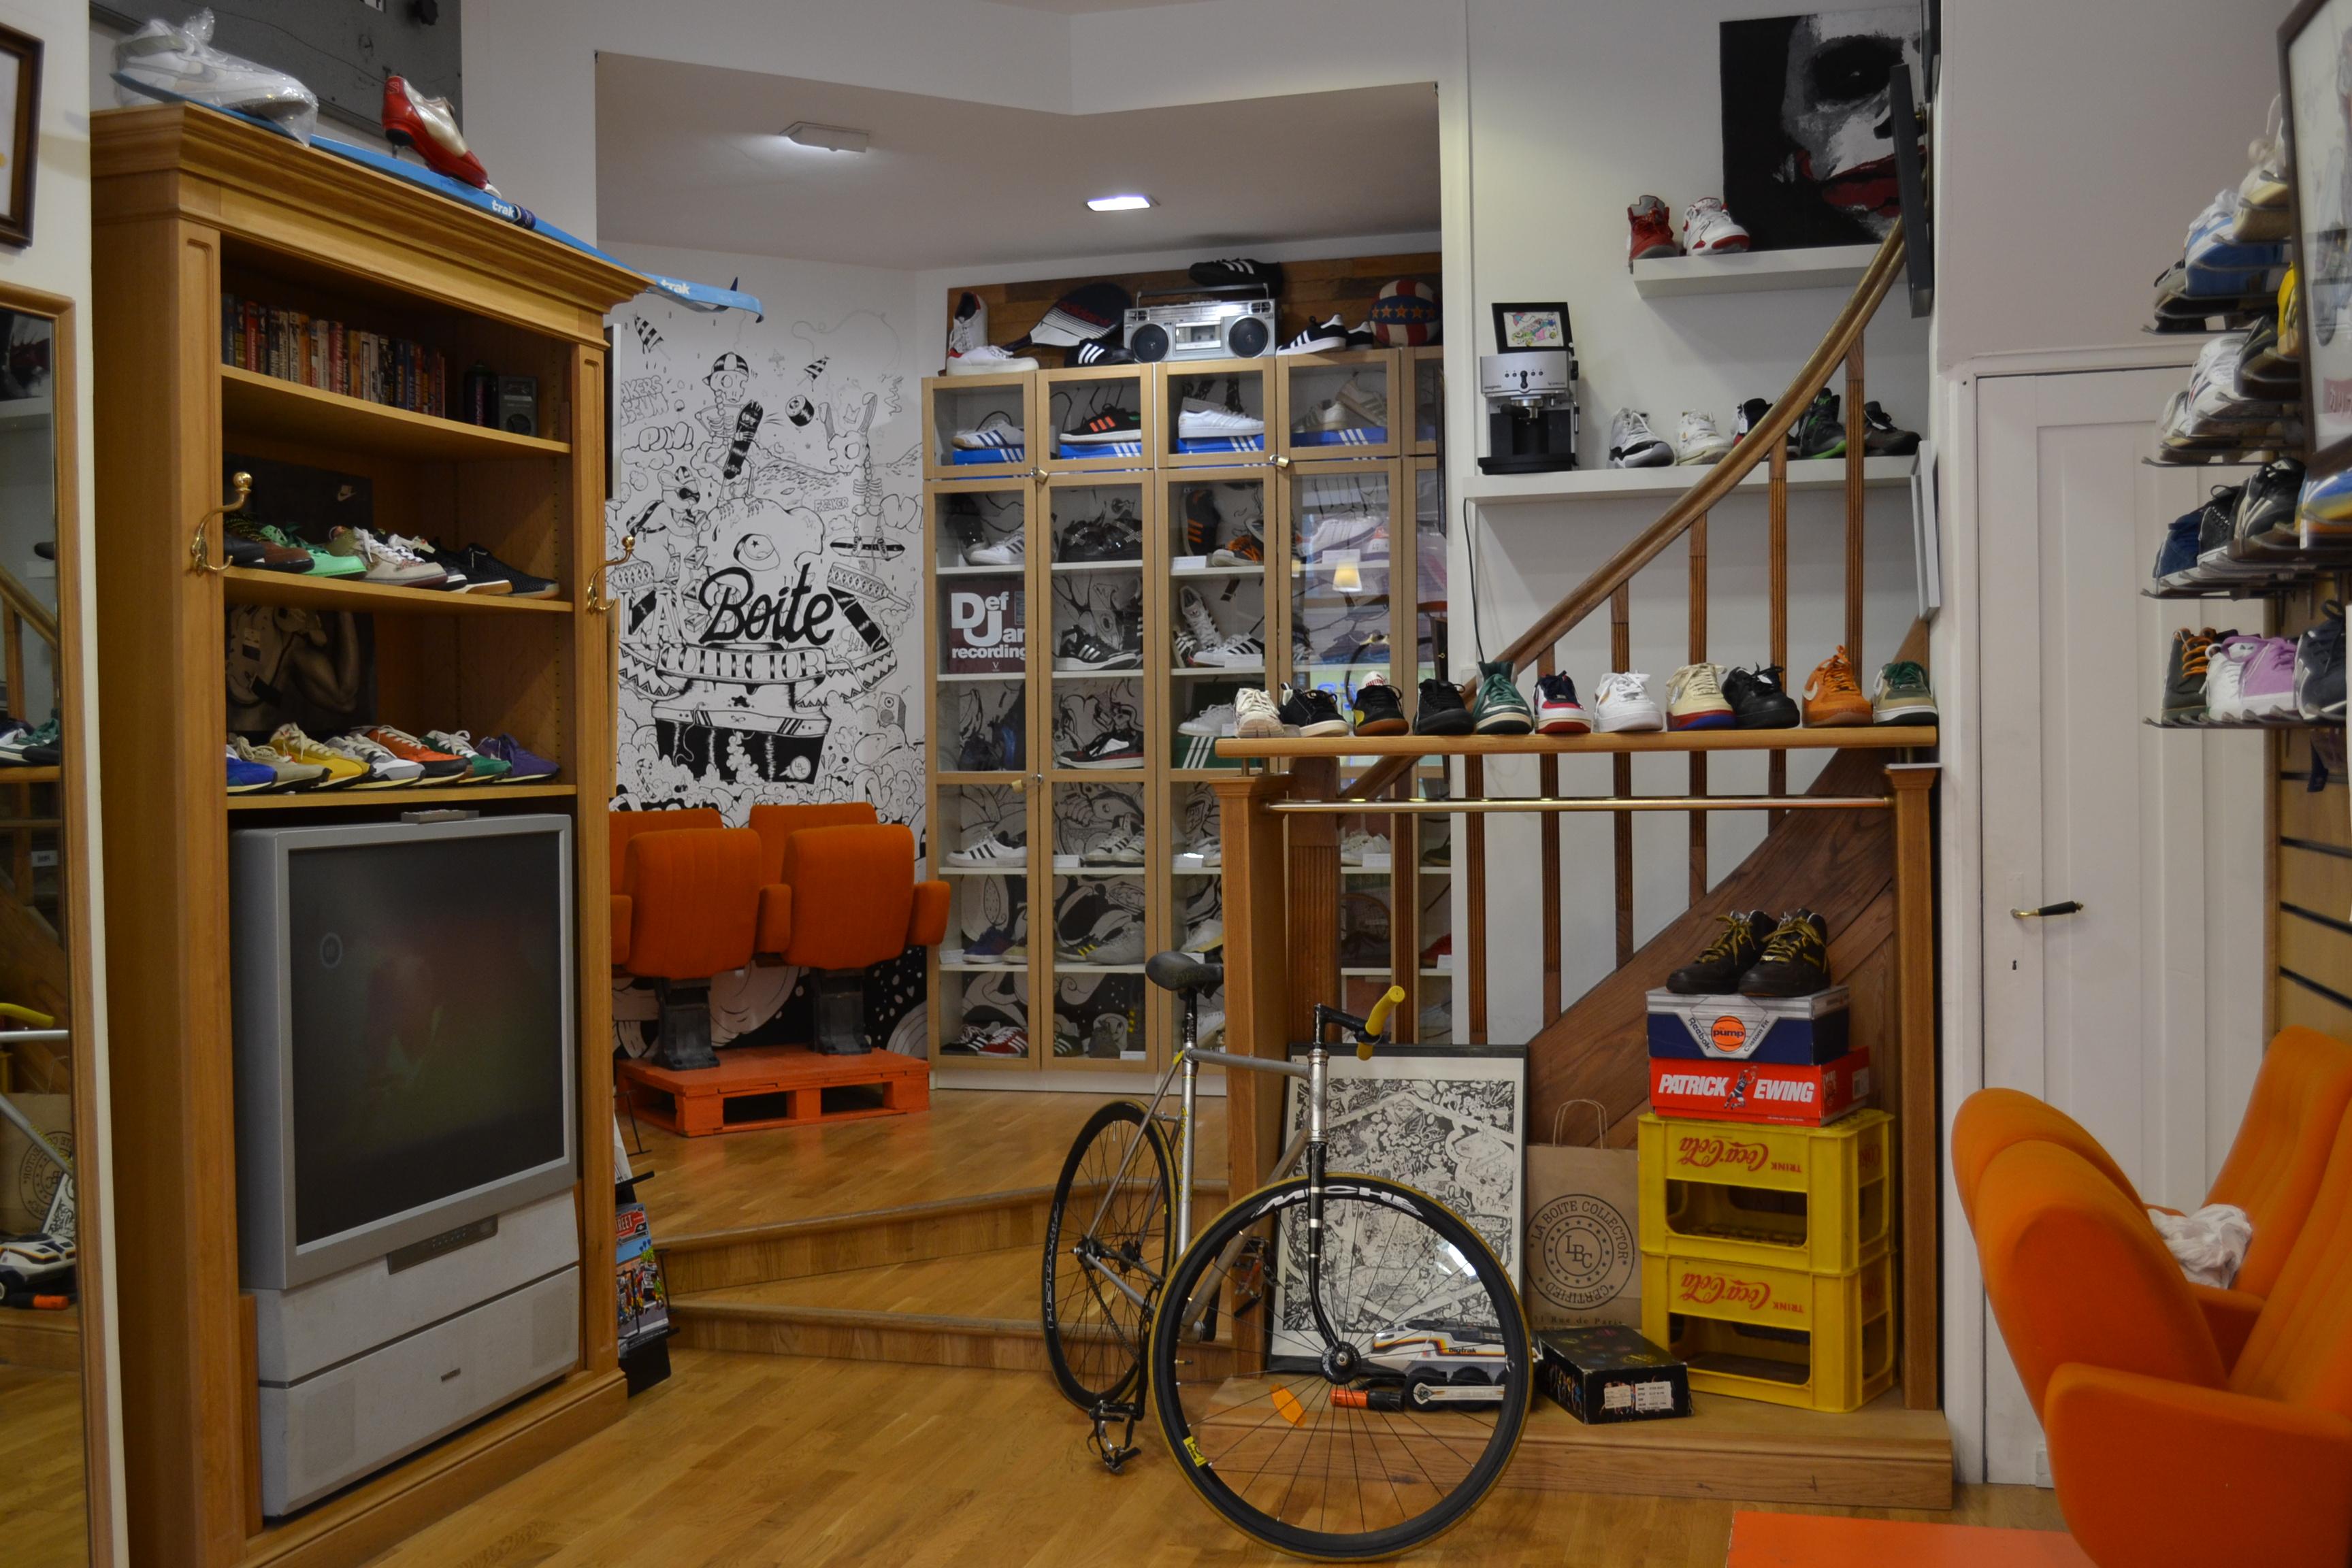 Comment Customiser Une Boite A Chaussure la boîte collector : le temple de la basket à lille !   les